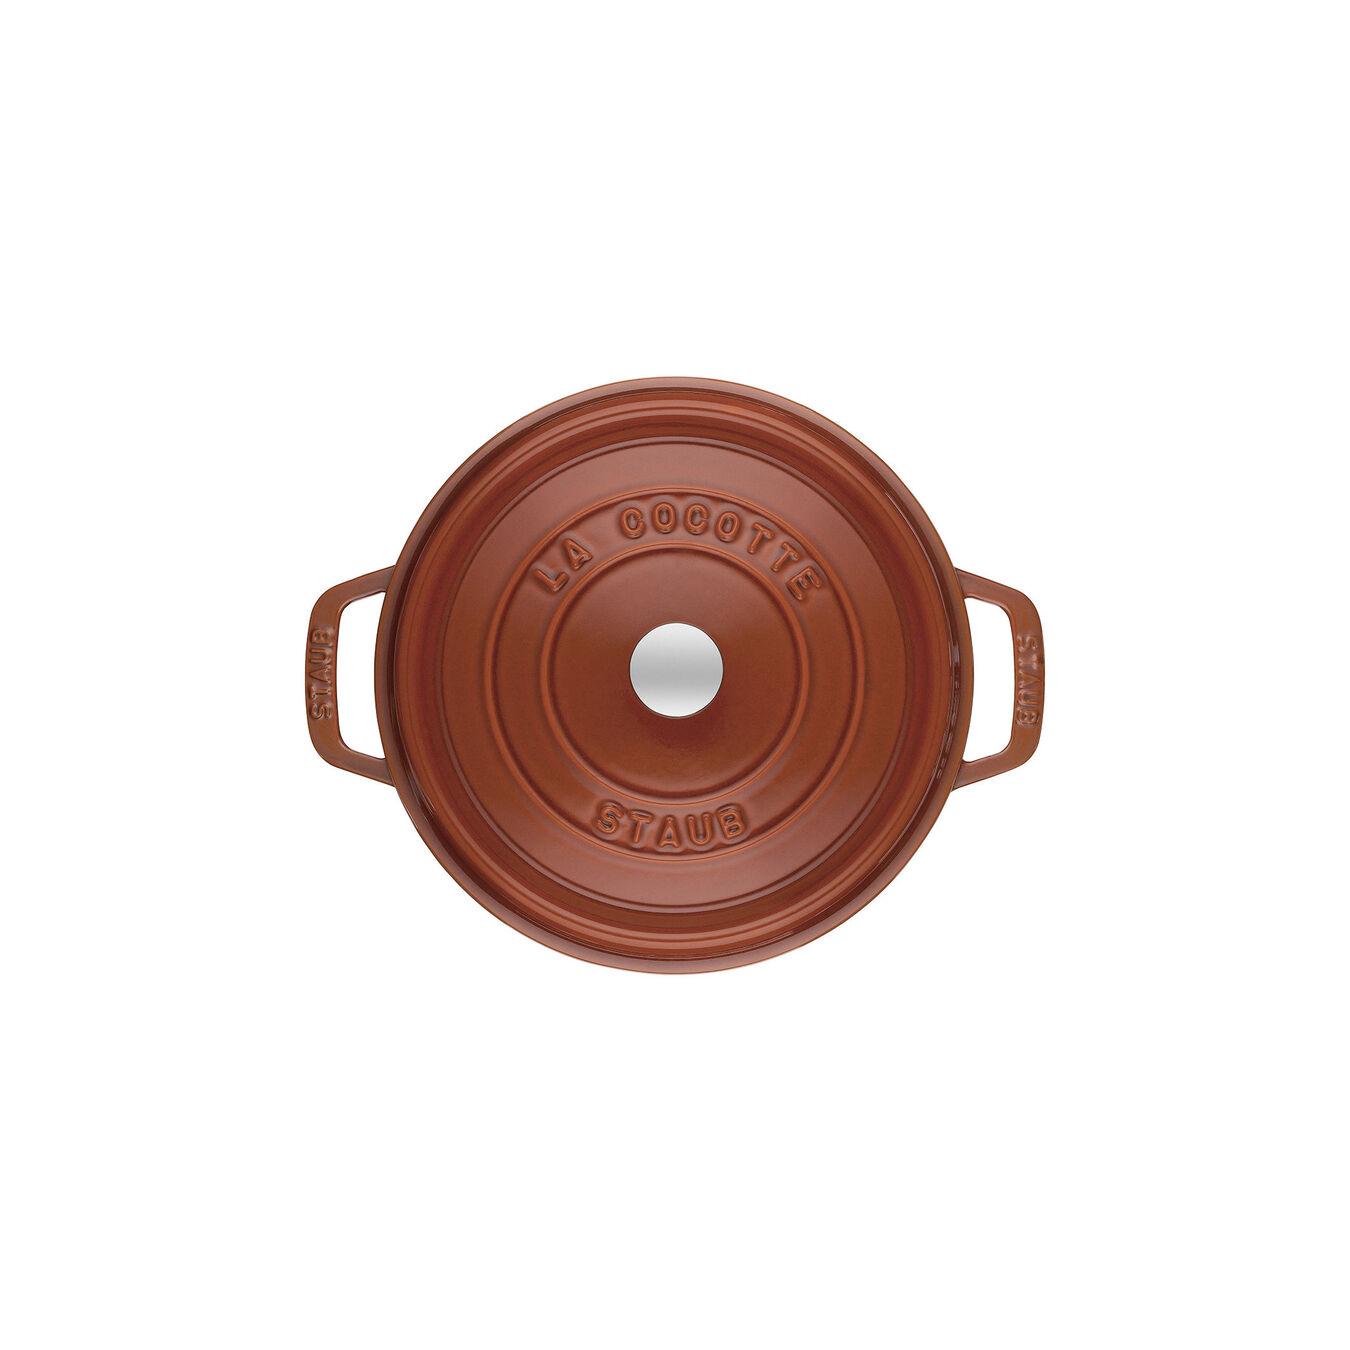 Cocotte 22 cm, Rond(e), Cannelle, Fonte,,large 2